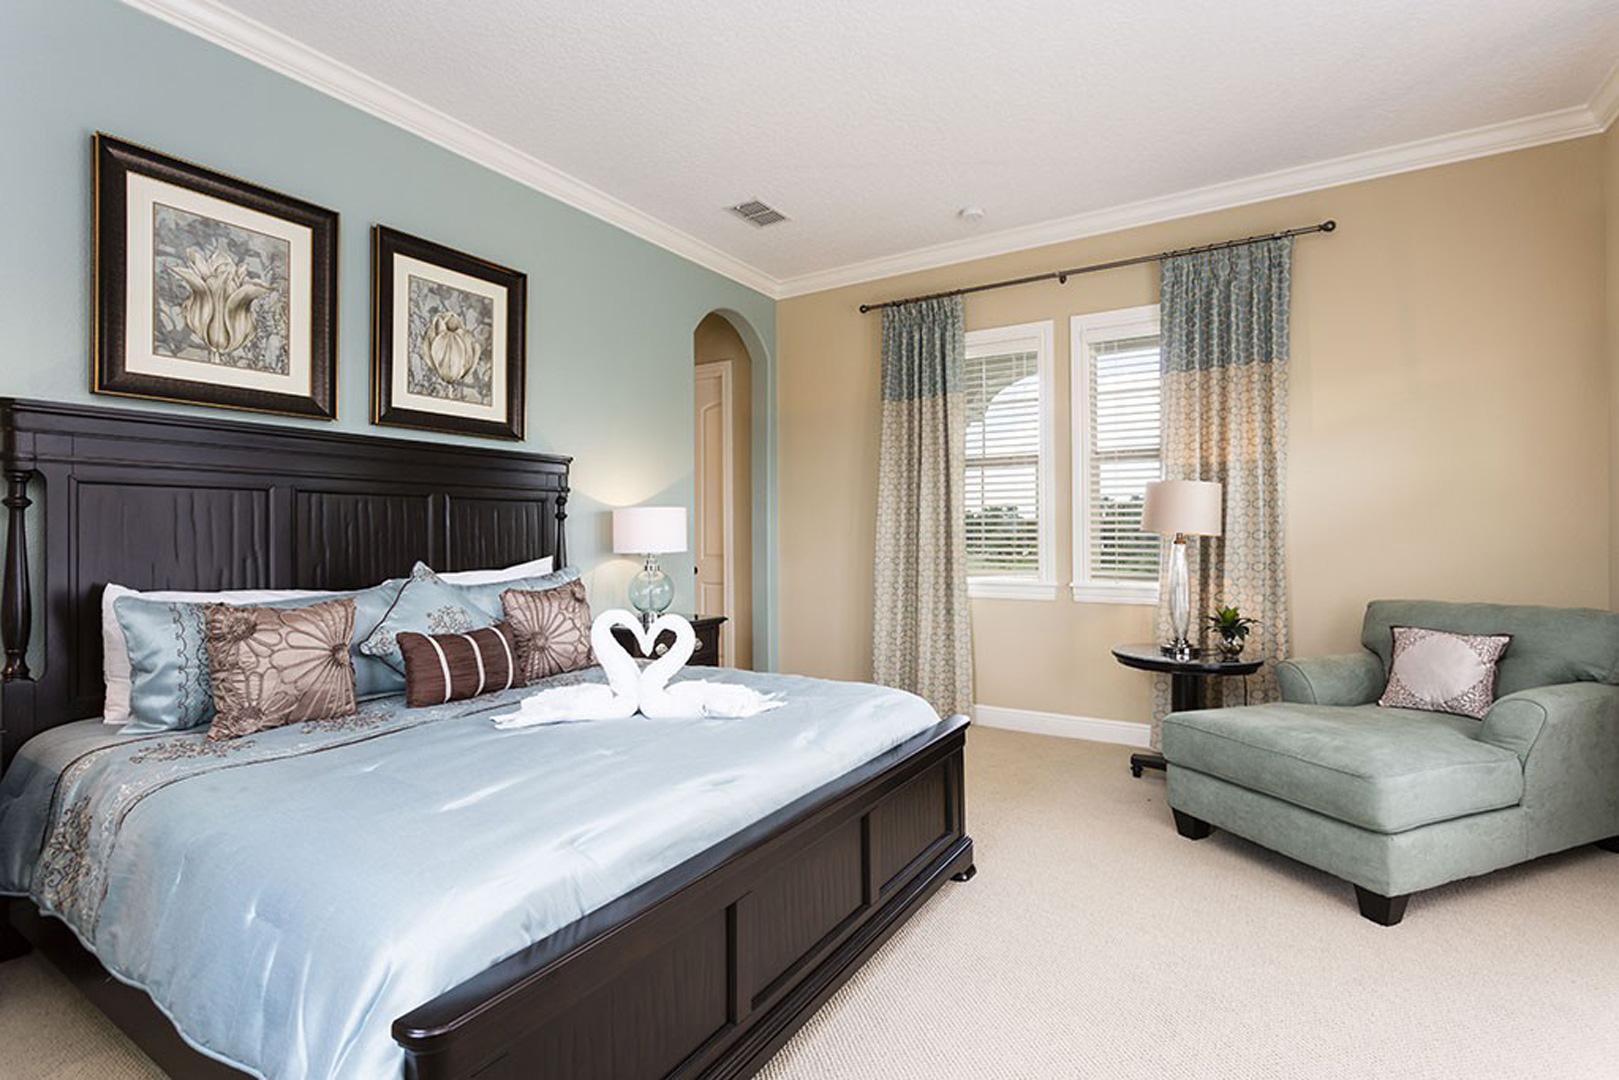 Bedrooms28